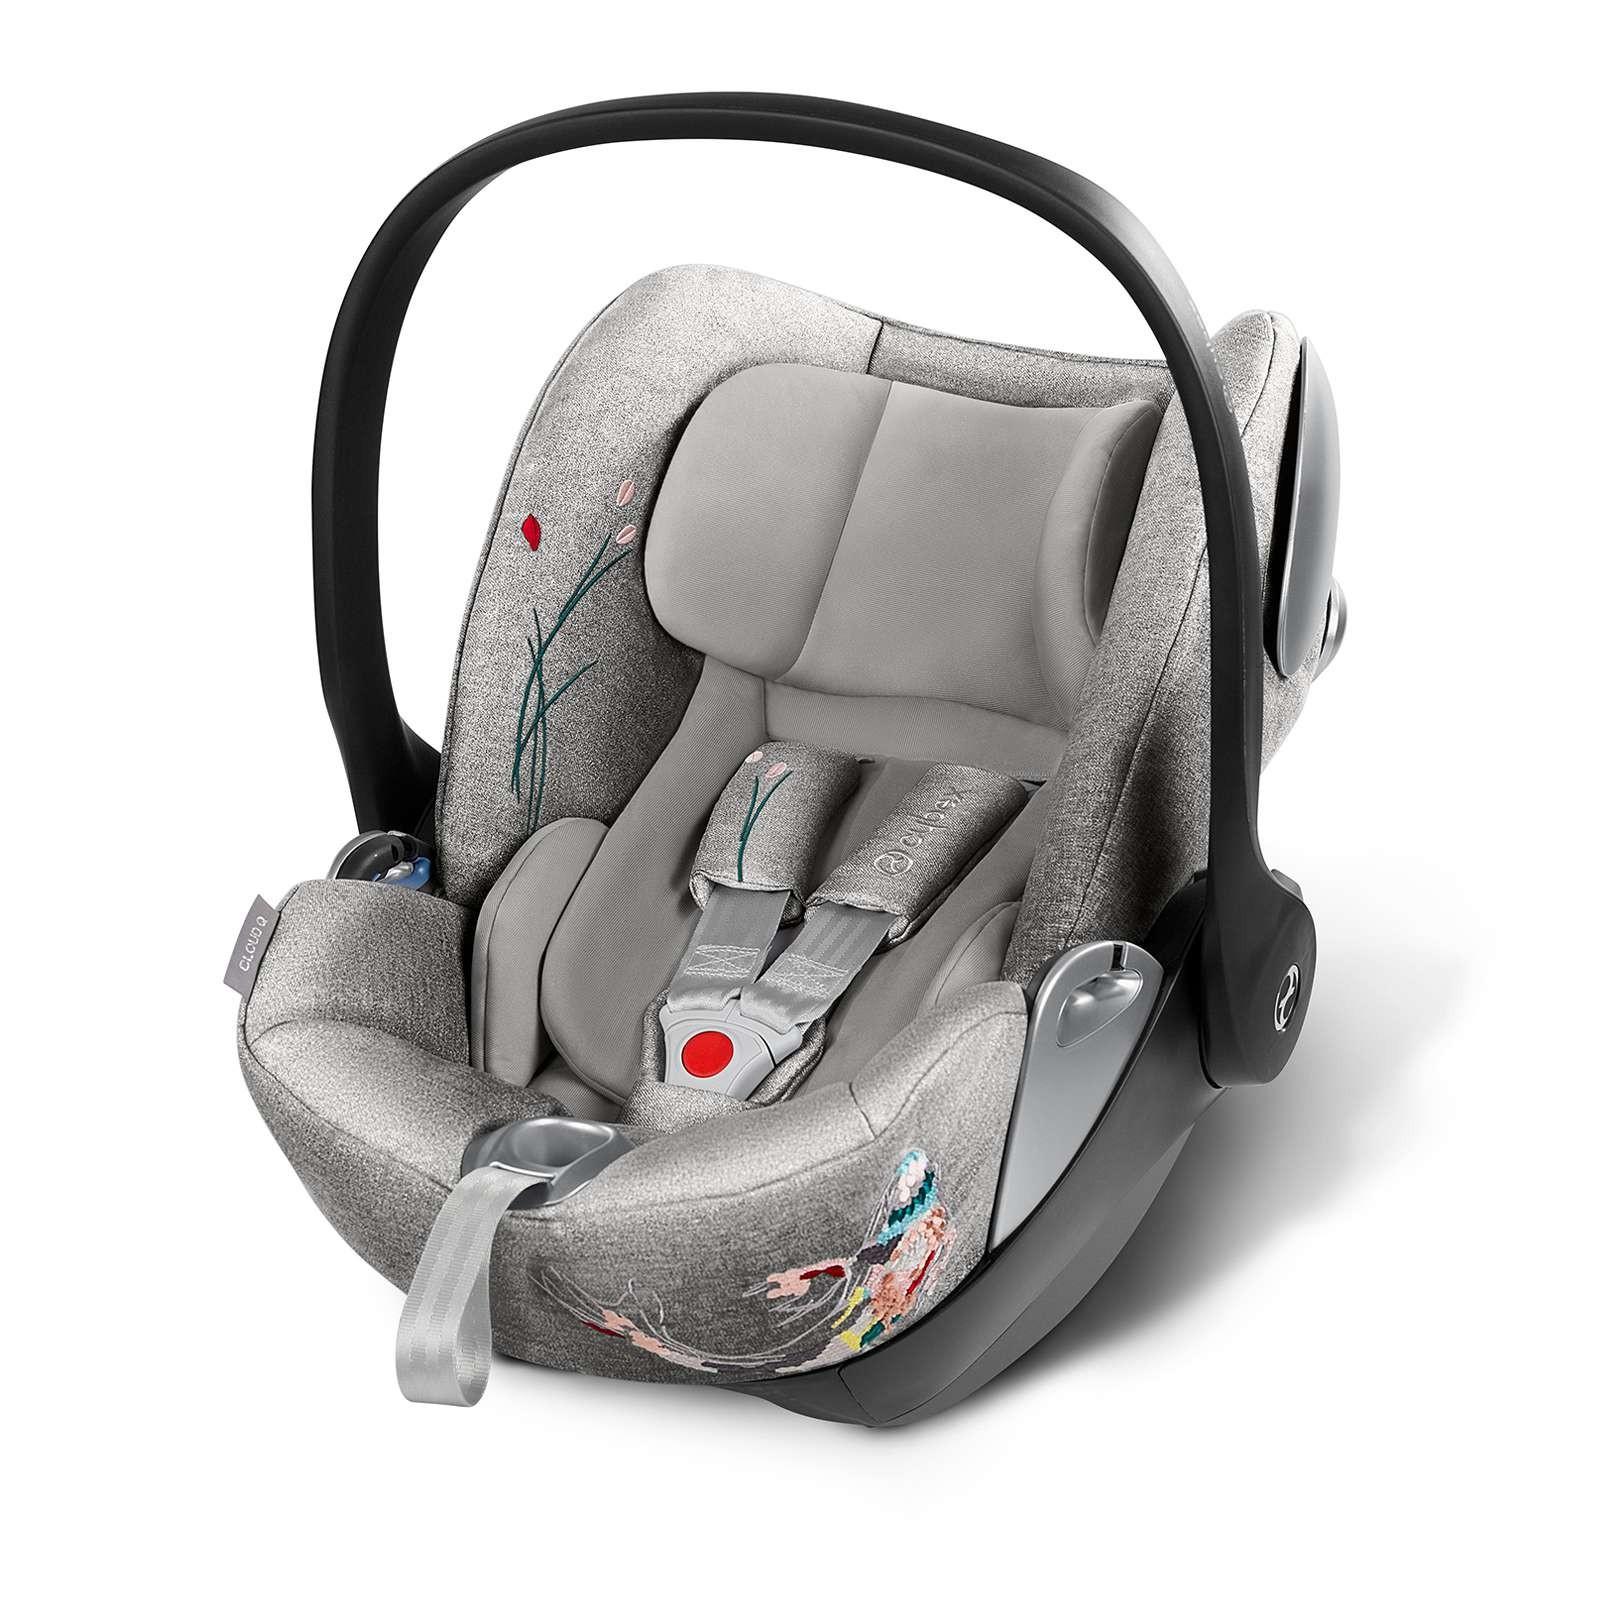 Pour le siège auto, la poussette ou encore la chambre de bébé, rendez-vous chez Natal Market